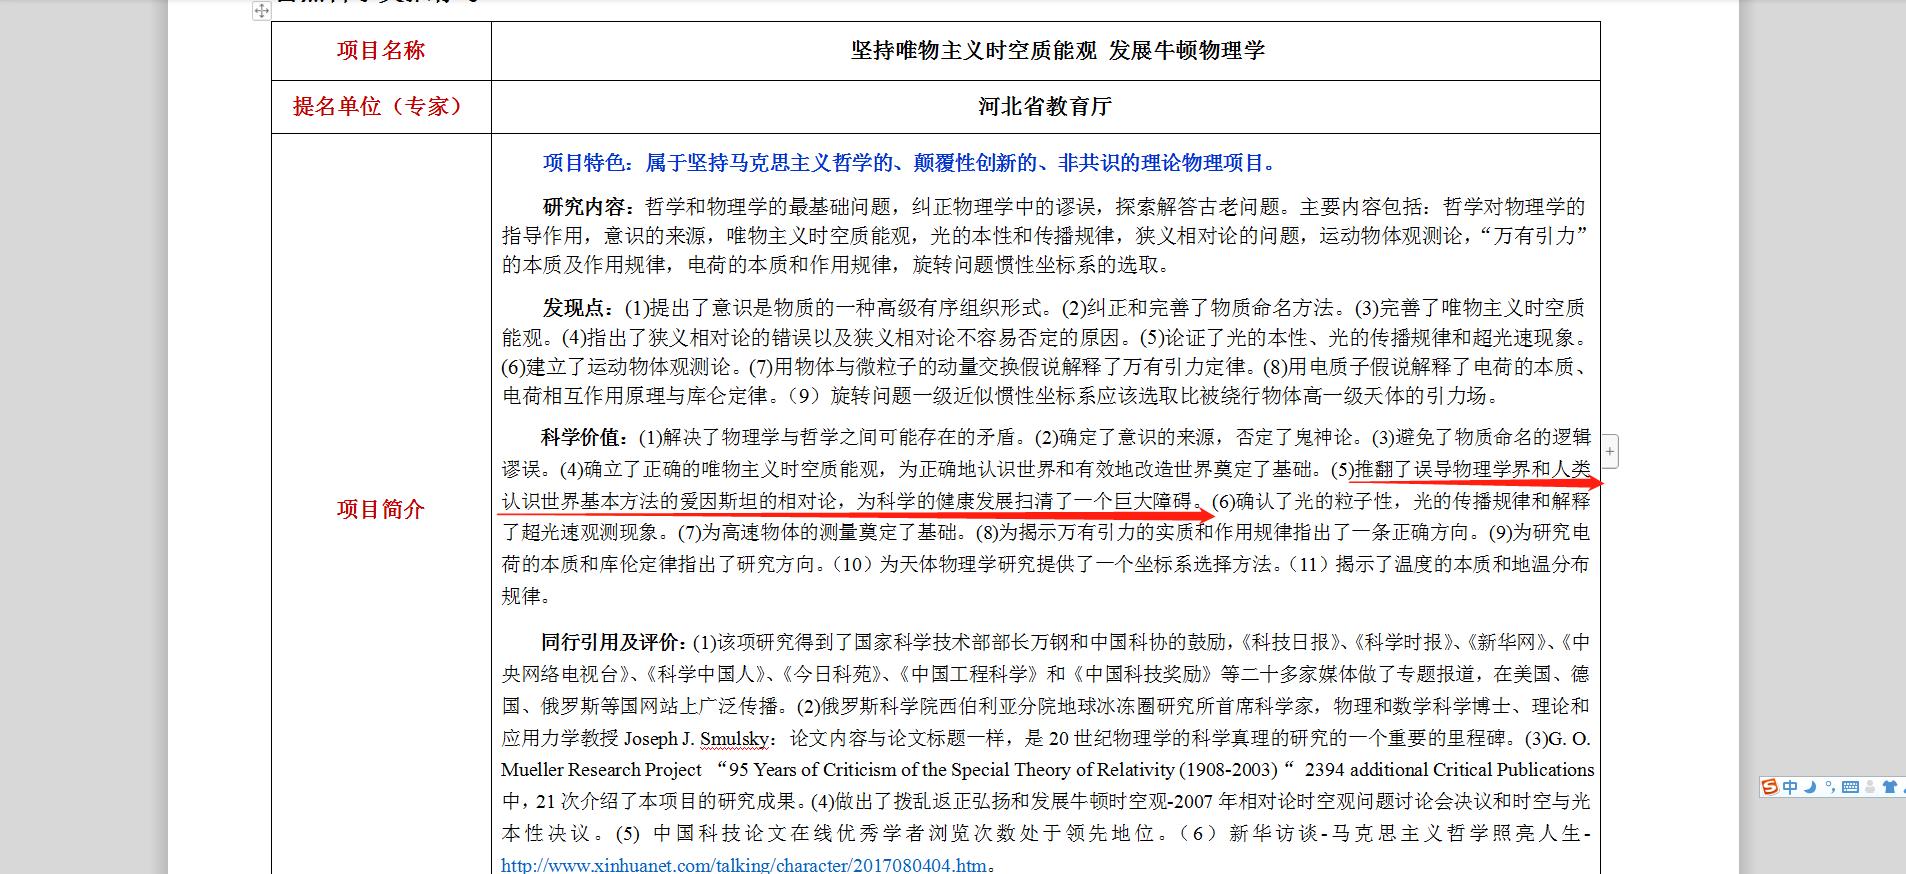 李子丰的研究项目被推荐入选2021年度河北省科学技术奖  来源:河北省教育厅官网